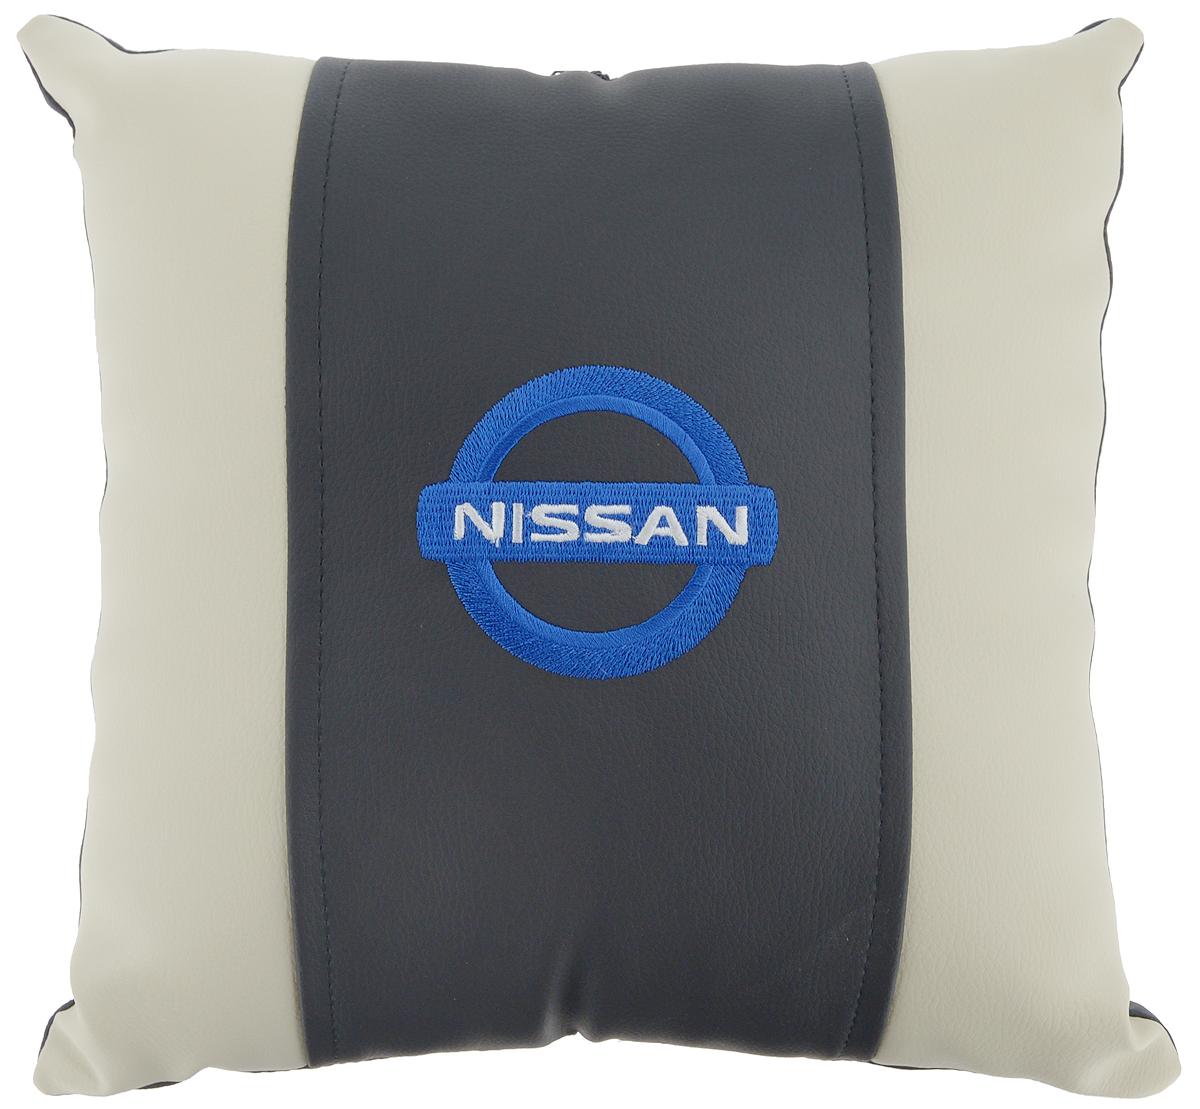 Подушка на сиденье Autoparts Nissan, 30 х 30 смМ044Подушка на сиденье Autoparts Nissan создана для тех, кто весь свой день вынужден проводить за рулем. Чехол выполнен из высококачественной дышащей экокожи. Наполнителем служит холлофайбер. На задней части подушки имеется змейка. Особенности подушки: - Хорошо проветривается. - Предупреждает потение. - Поддерживает комфортную температуру. - Обминается по форме тела. - Улучшает кровообращение. - Исключает затечные явления. - Предупреждает развитие заболеваний, связанных с сидячим образом жизни. Подушка также будет полезна и дома - при работе за компьютером, школьникам - при выполнении домашних работ, да и в любимом кресле перед телевизором.